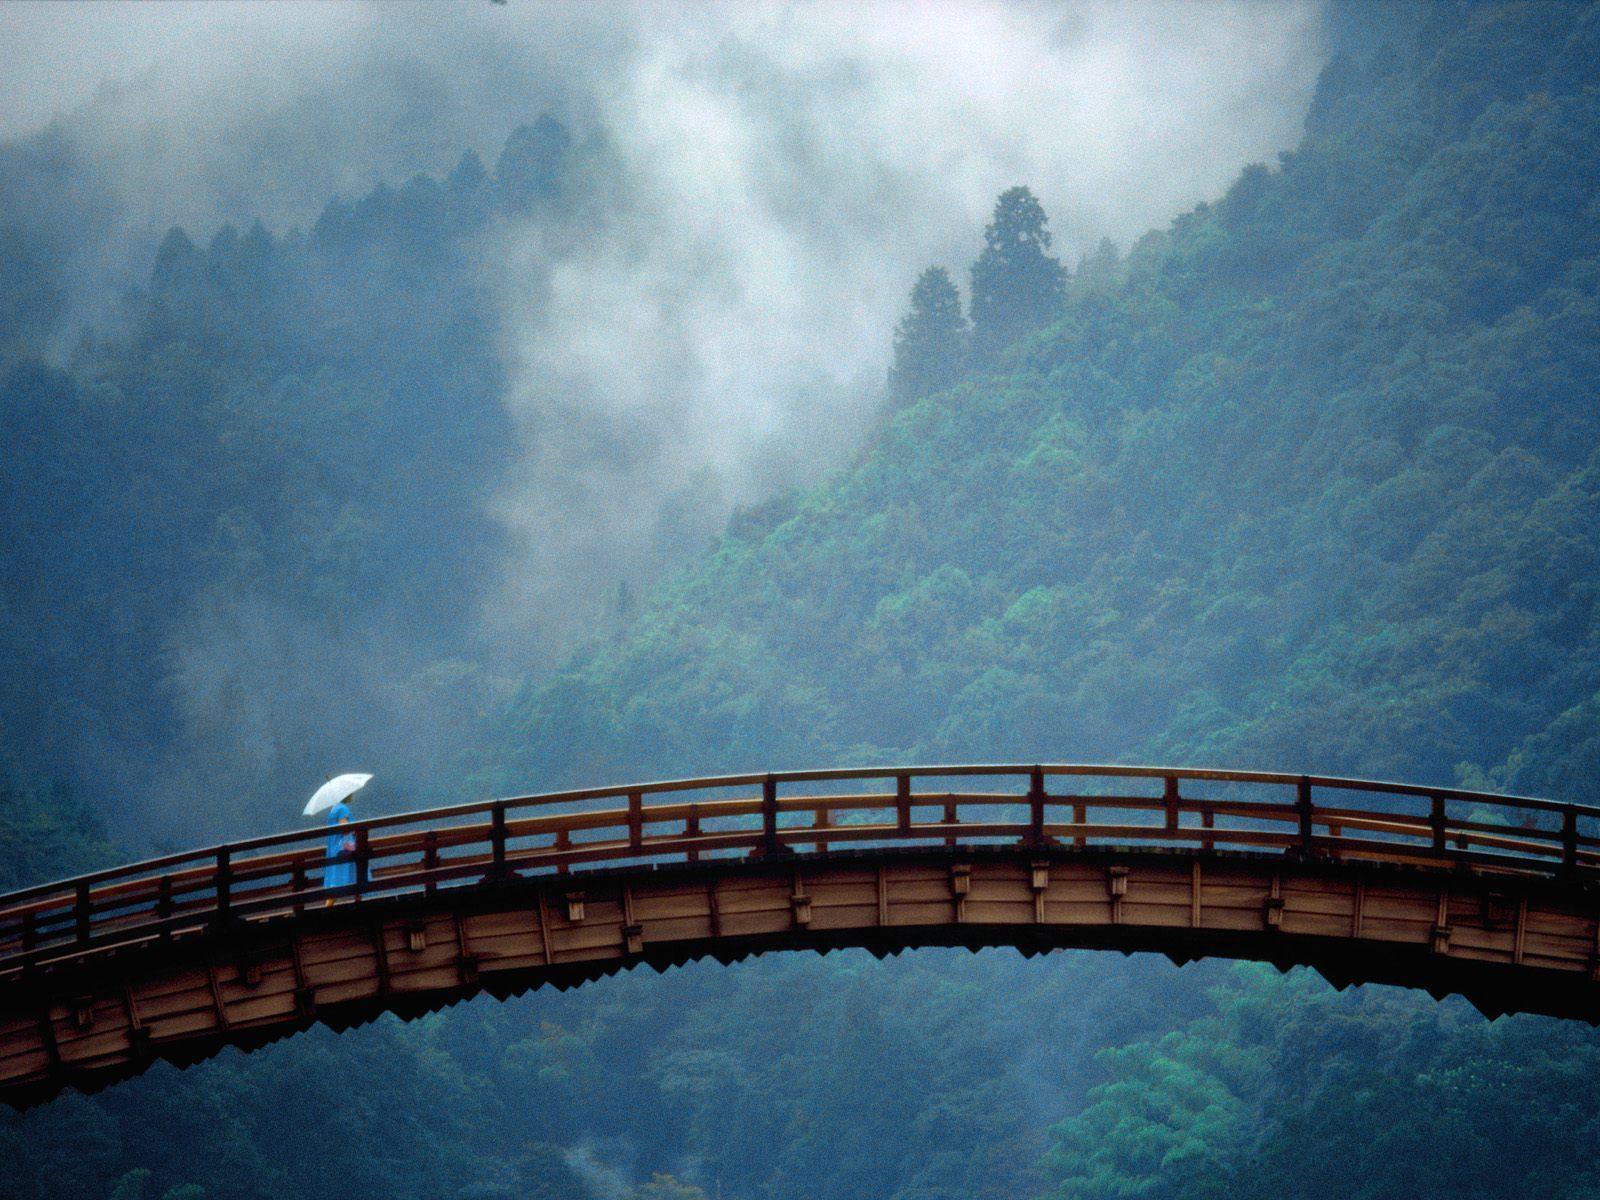 old japanese bridge free desktop background free wallpaper image